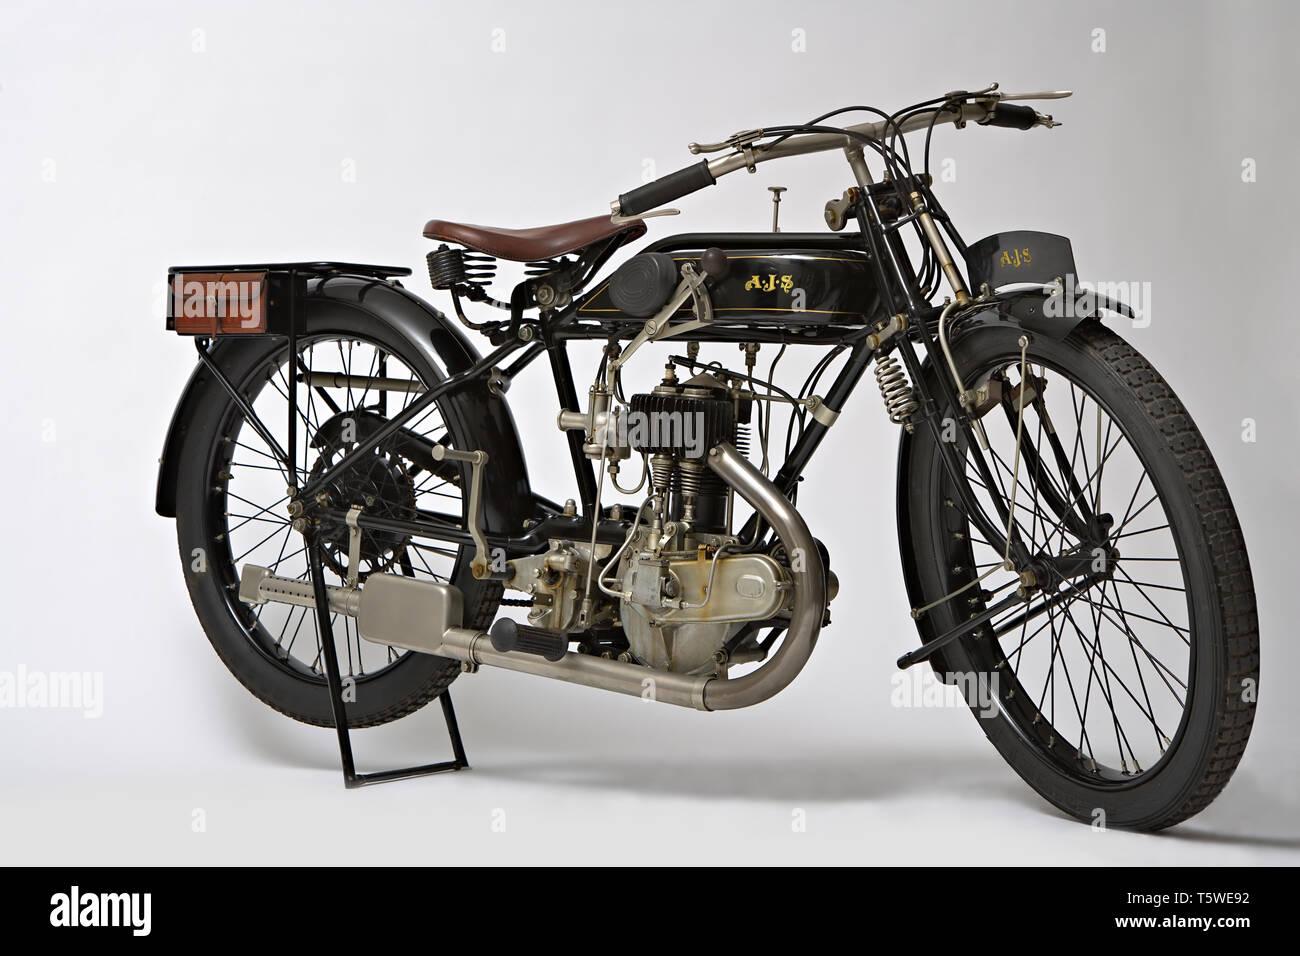 Moto d'epoca AJS ES 350 Marca: AJS modello: ES 350 Nazione: Regno Unito - Londra anno: 1925 Condizioni: restaurata cilindrata: 350 Foto Stock